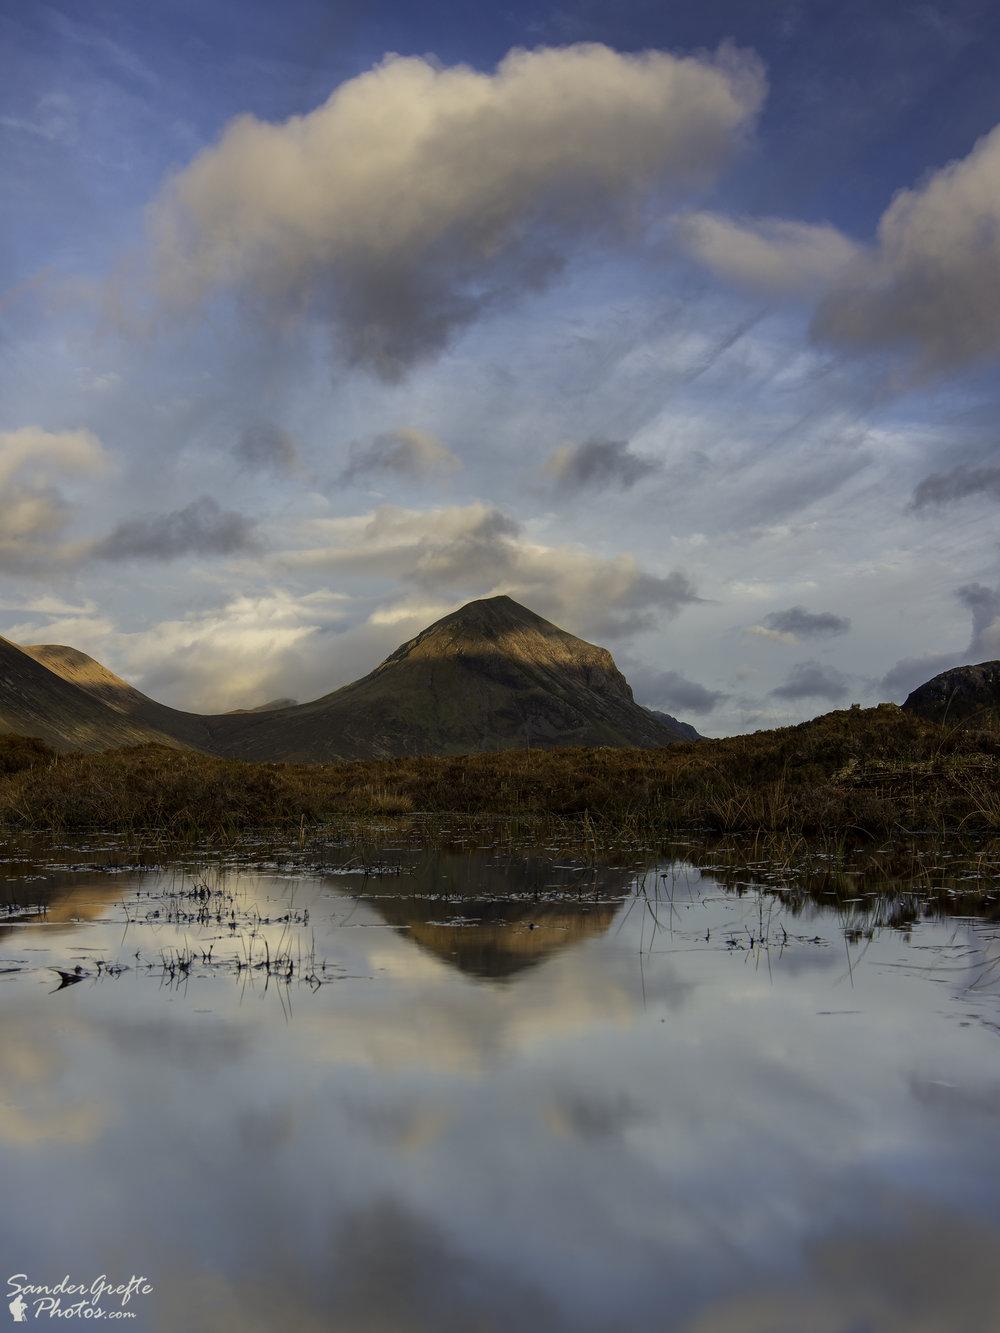 'Hollandse' lucht boven een Schots landschap. (Nikon D7200, 19mm, iso 100, f11, 1/3s met NiSi polarizer en 0.9 GND)